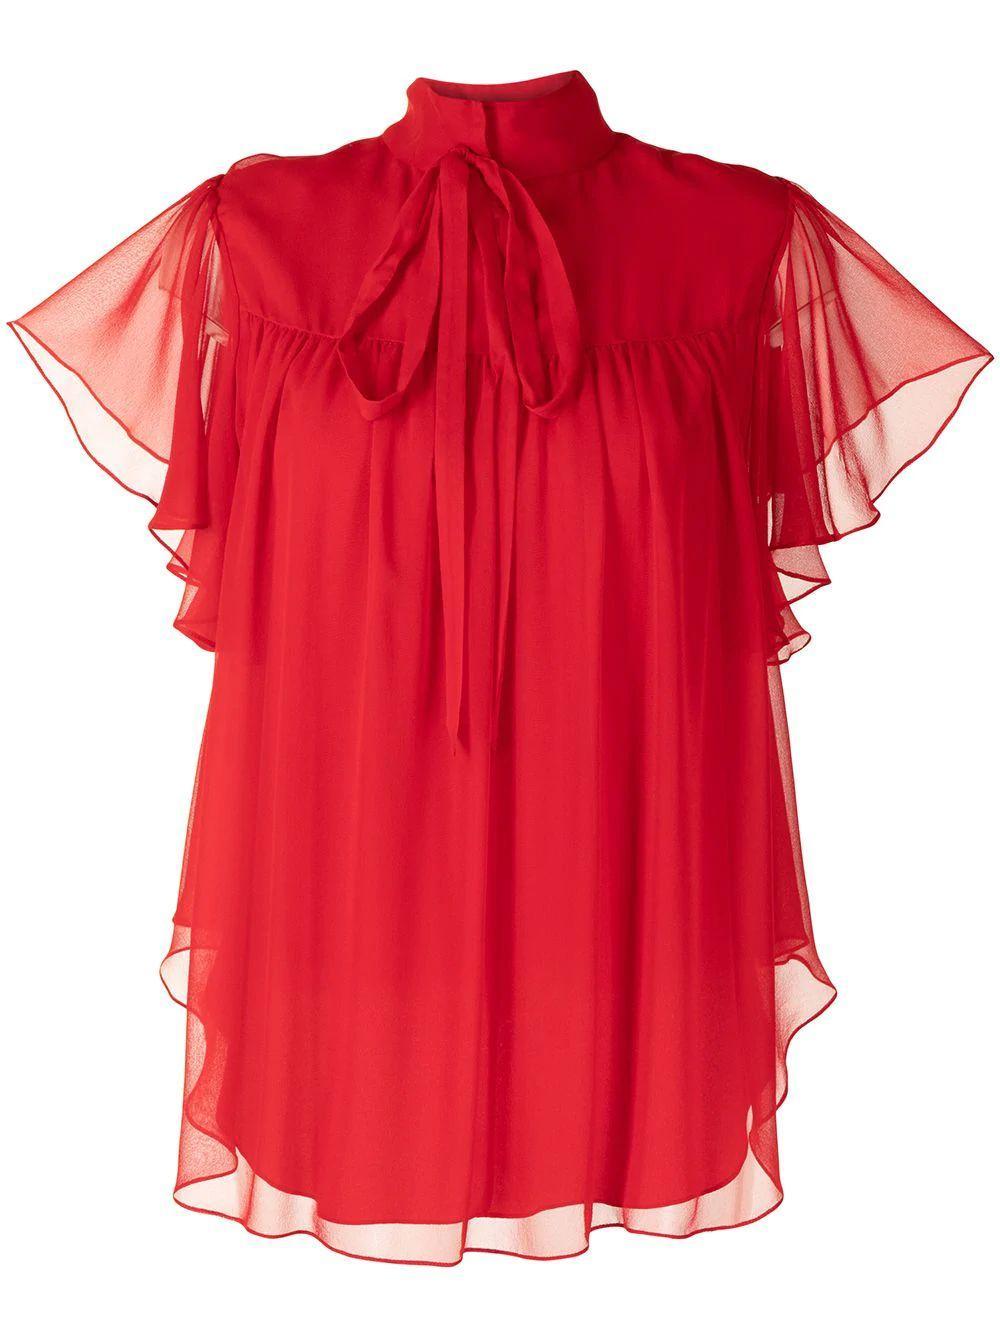 Silk Chiffon Flounce Sleeve Blouse Item # R21105CH